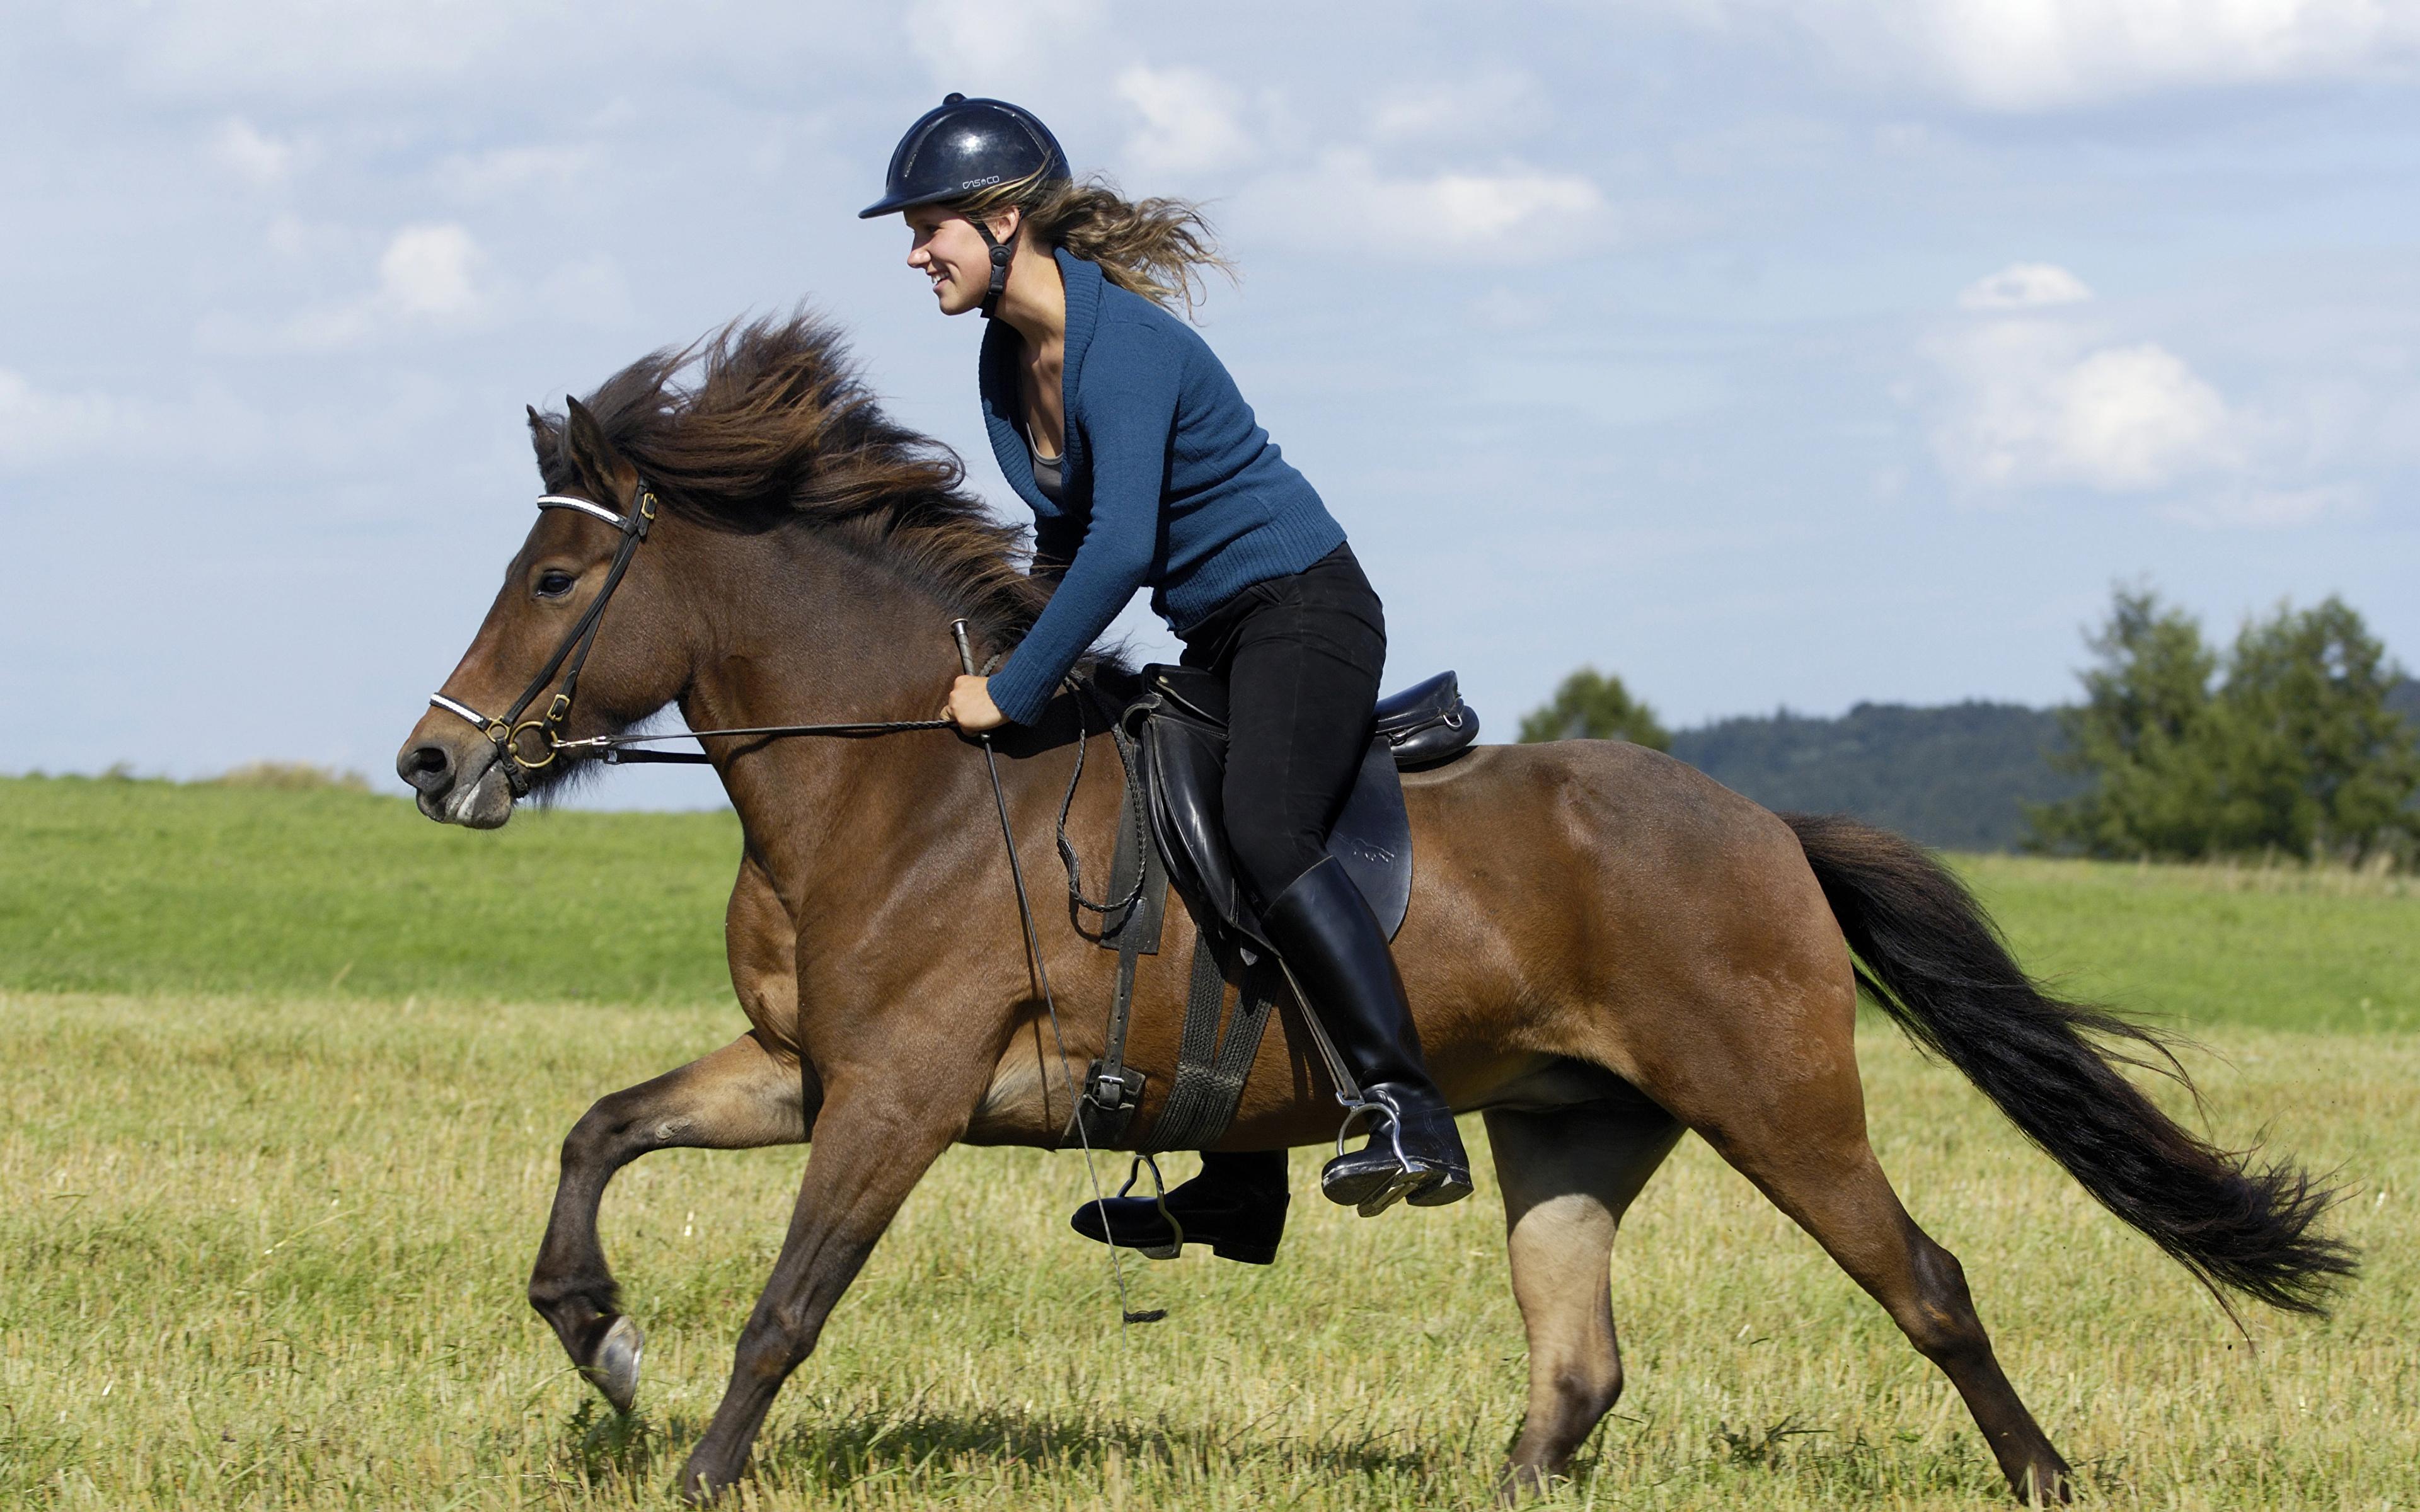 Фотографии Лошади Шлем спортивный верховая езда молодые женщины 3840x2400 лошадь шлема в шлеме Спорт девушка Девушки спортивные спортивная Конный спорт молодая женщина